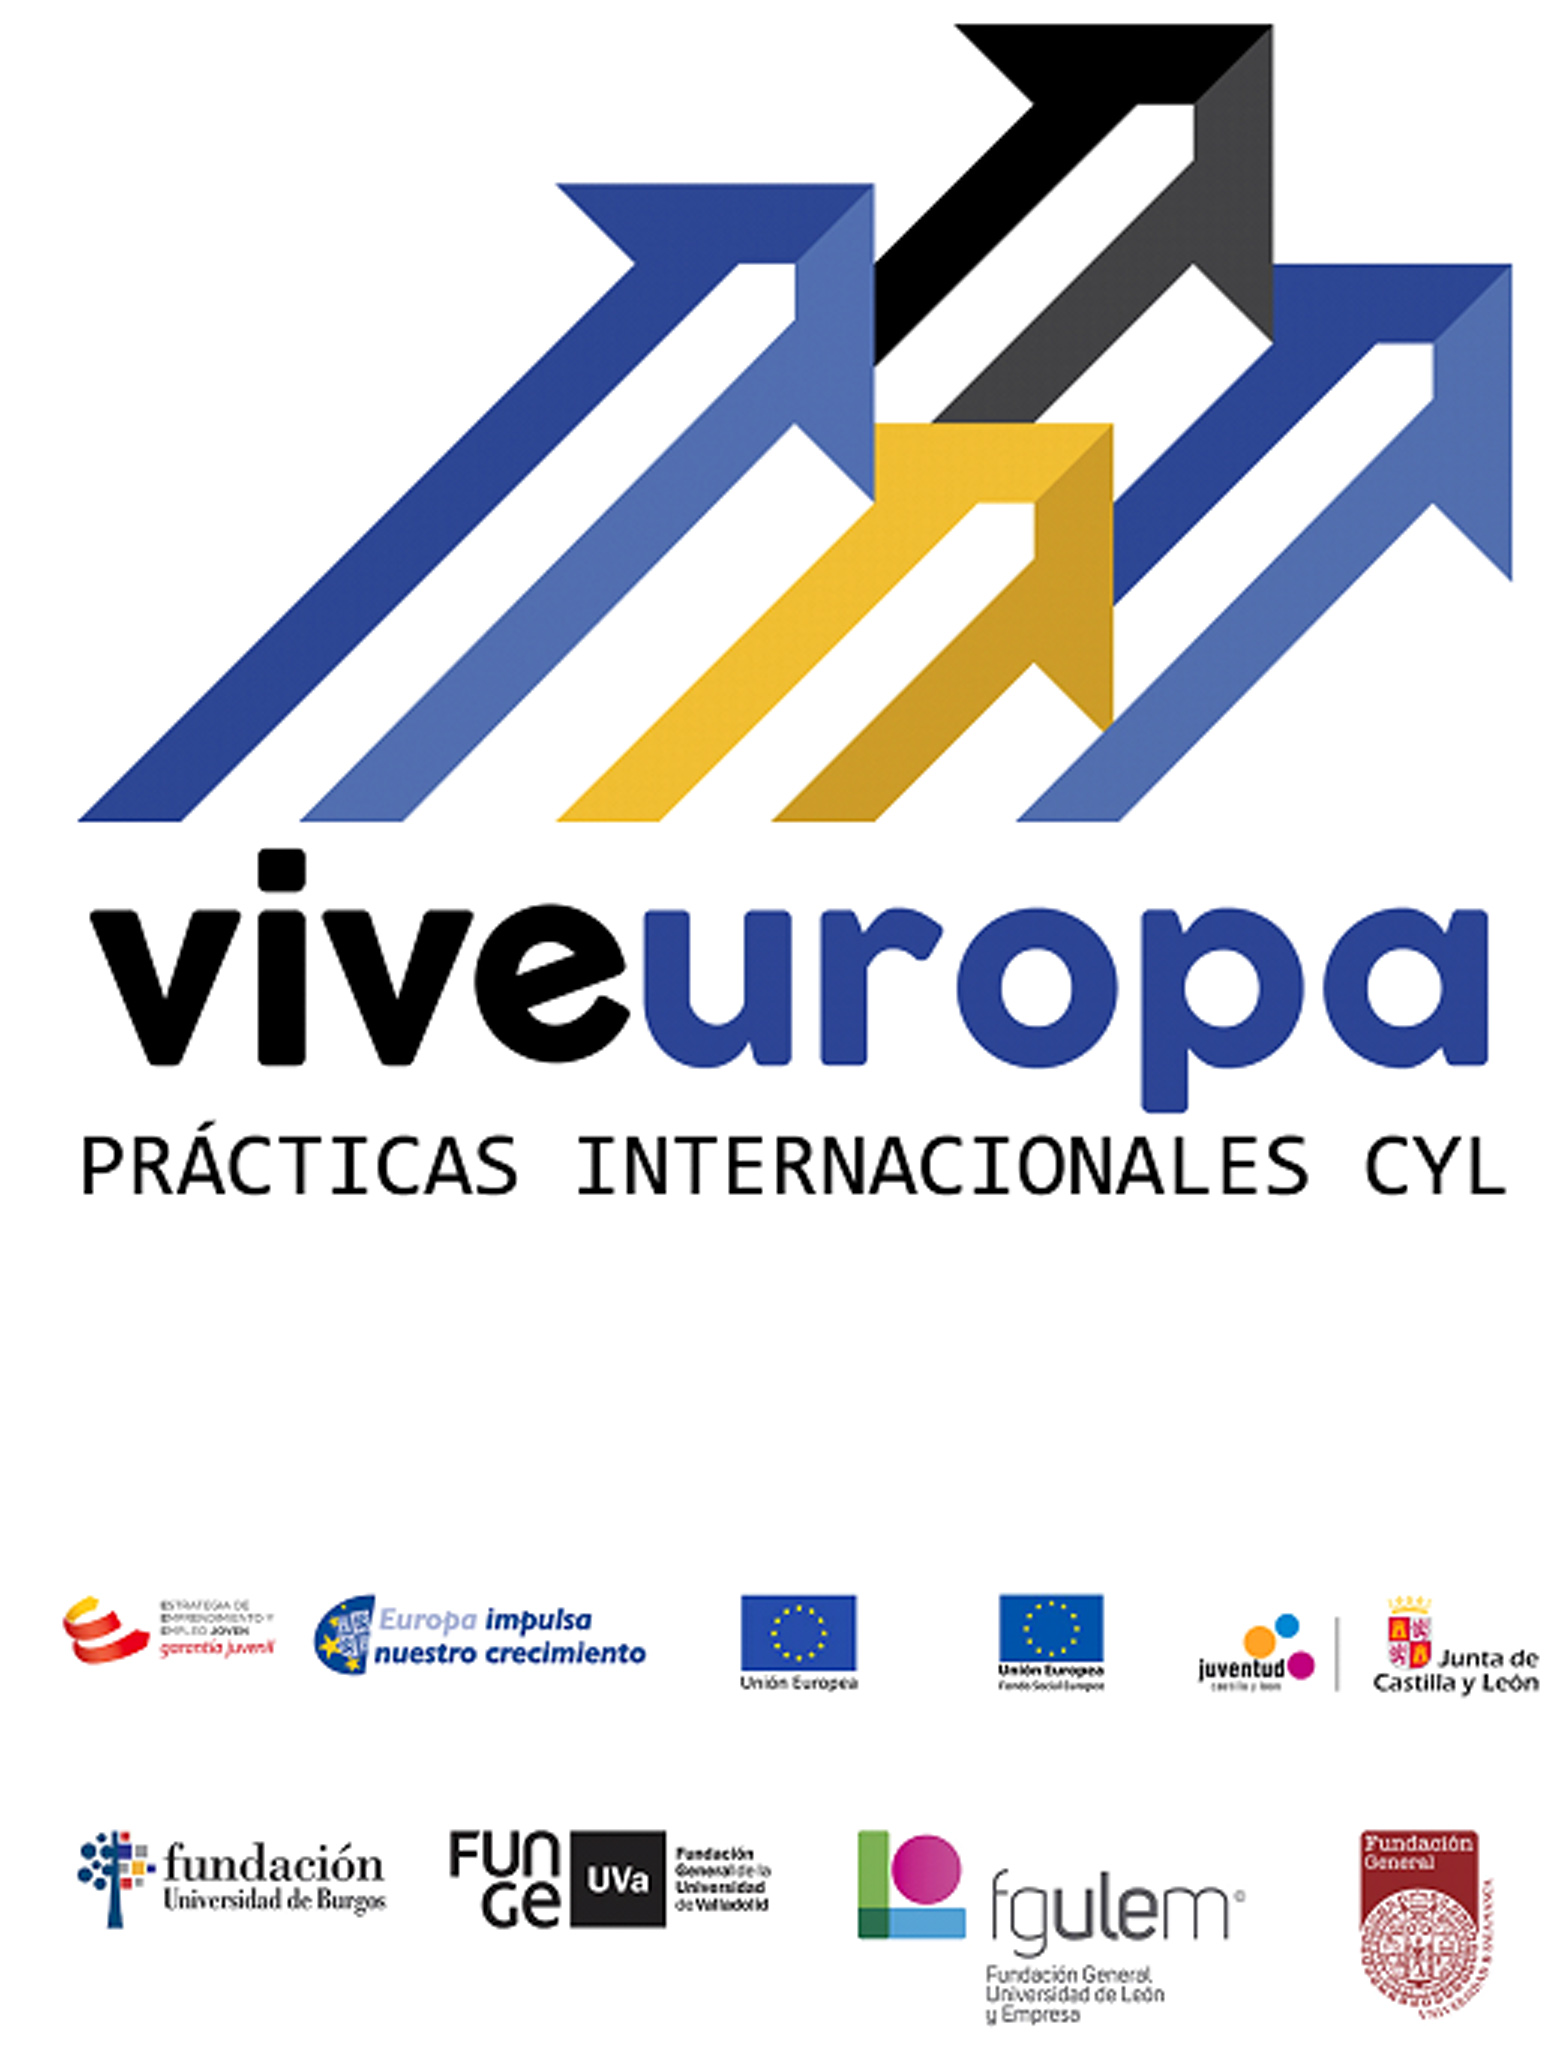 Viveuropa